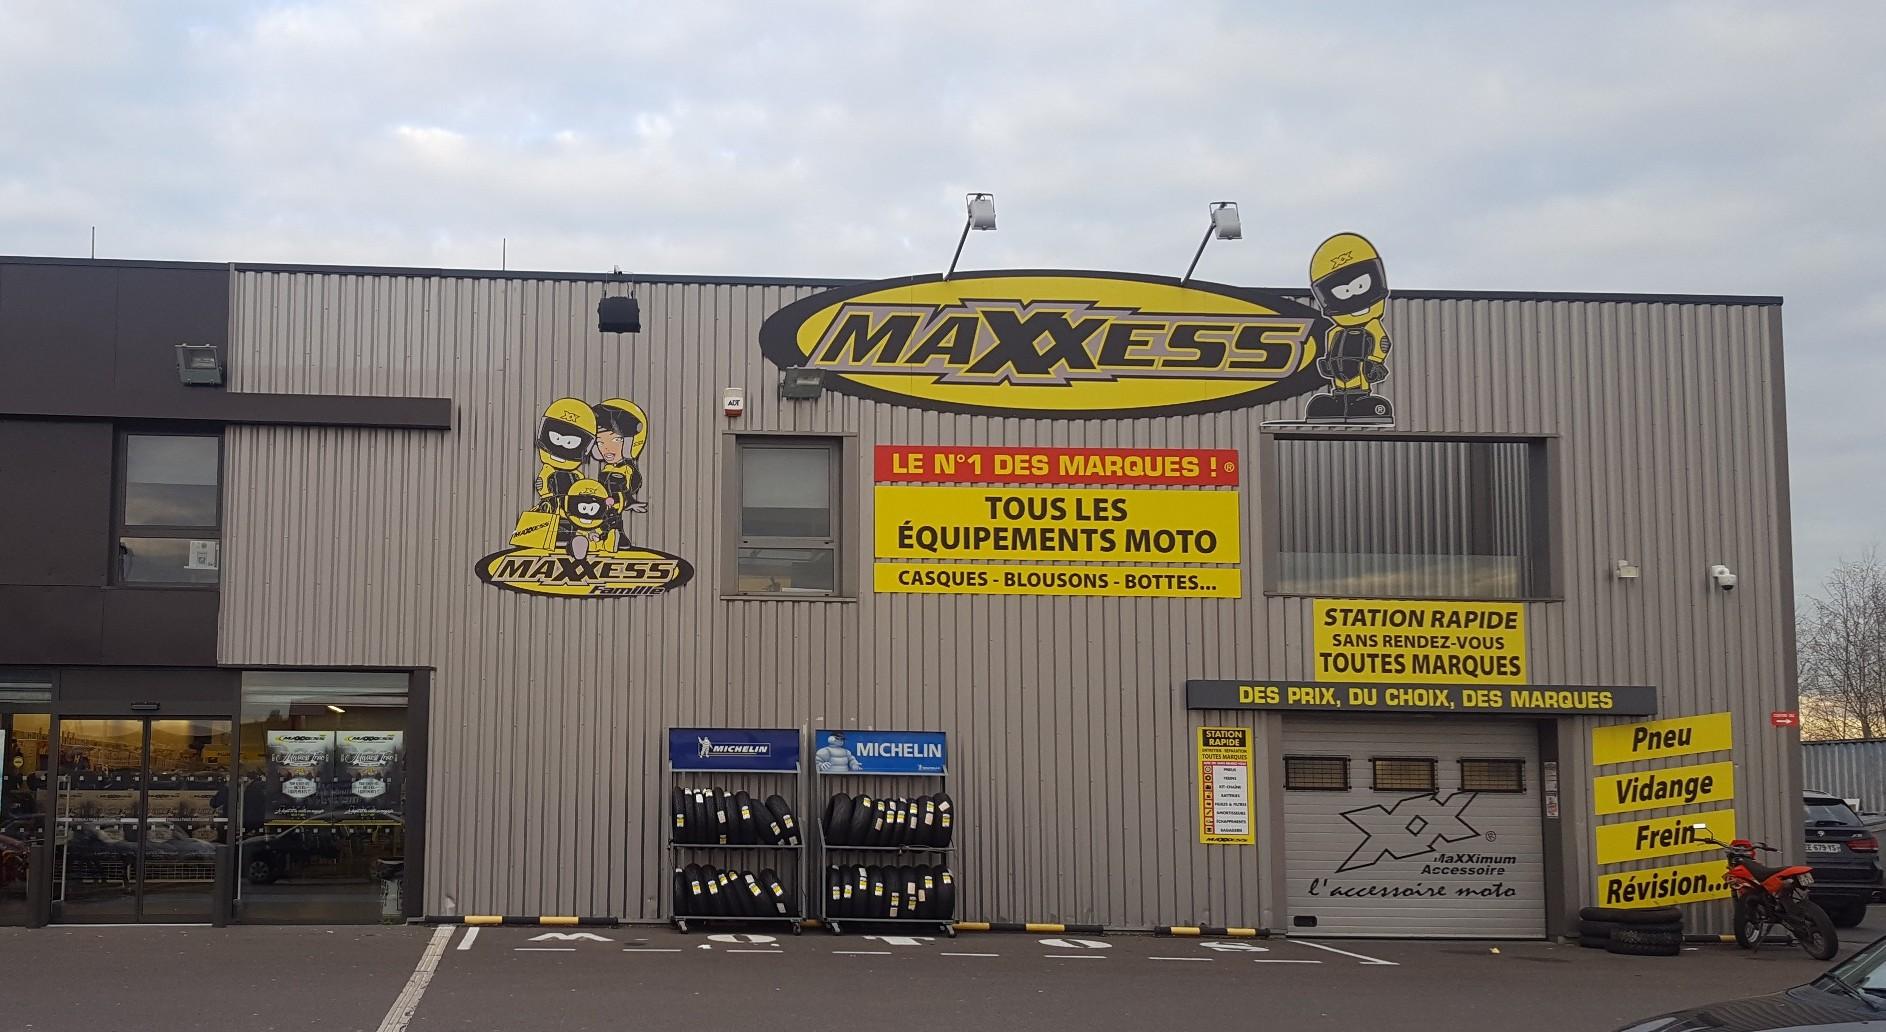 Botte moto cross maxxess